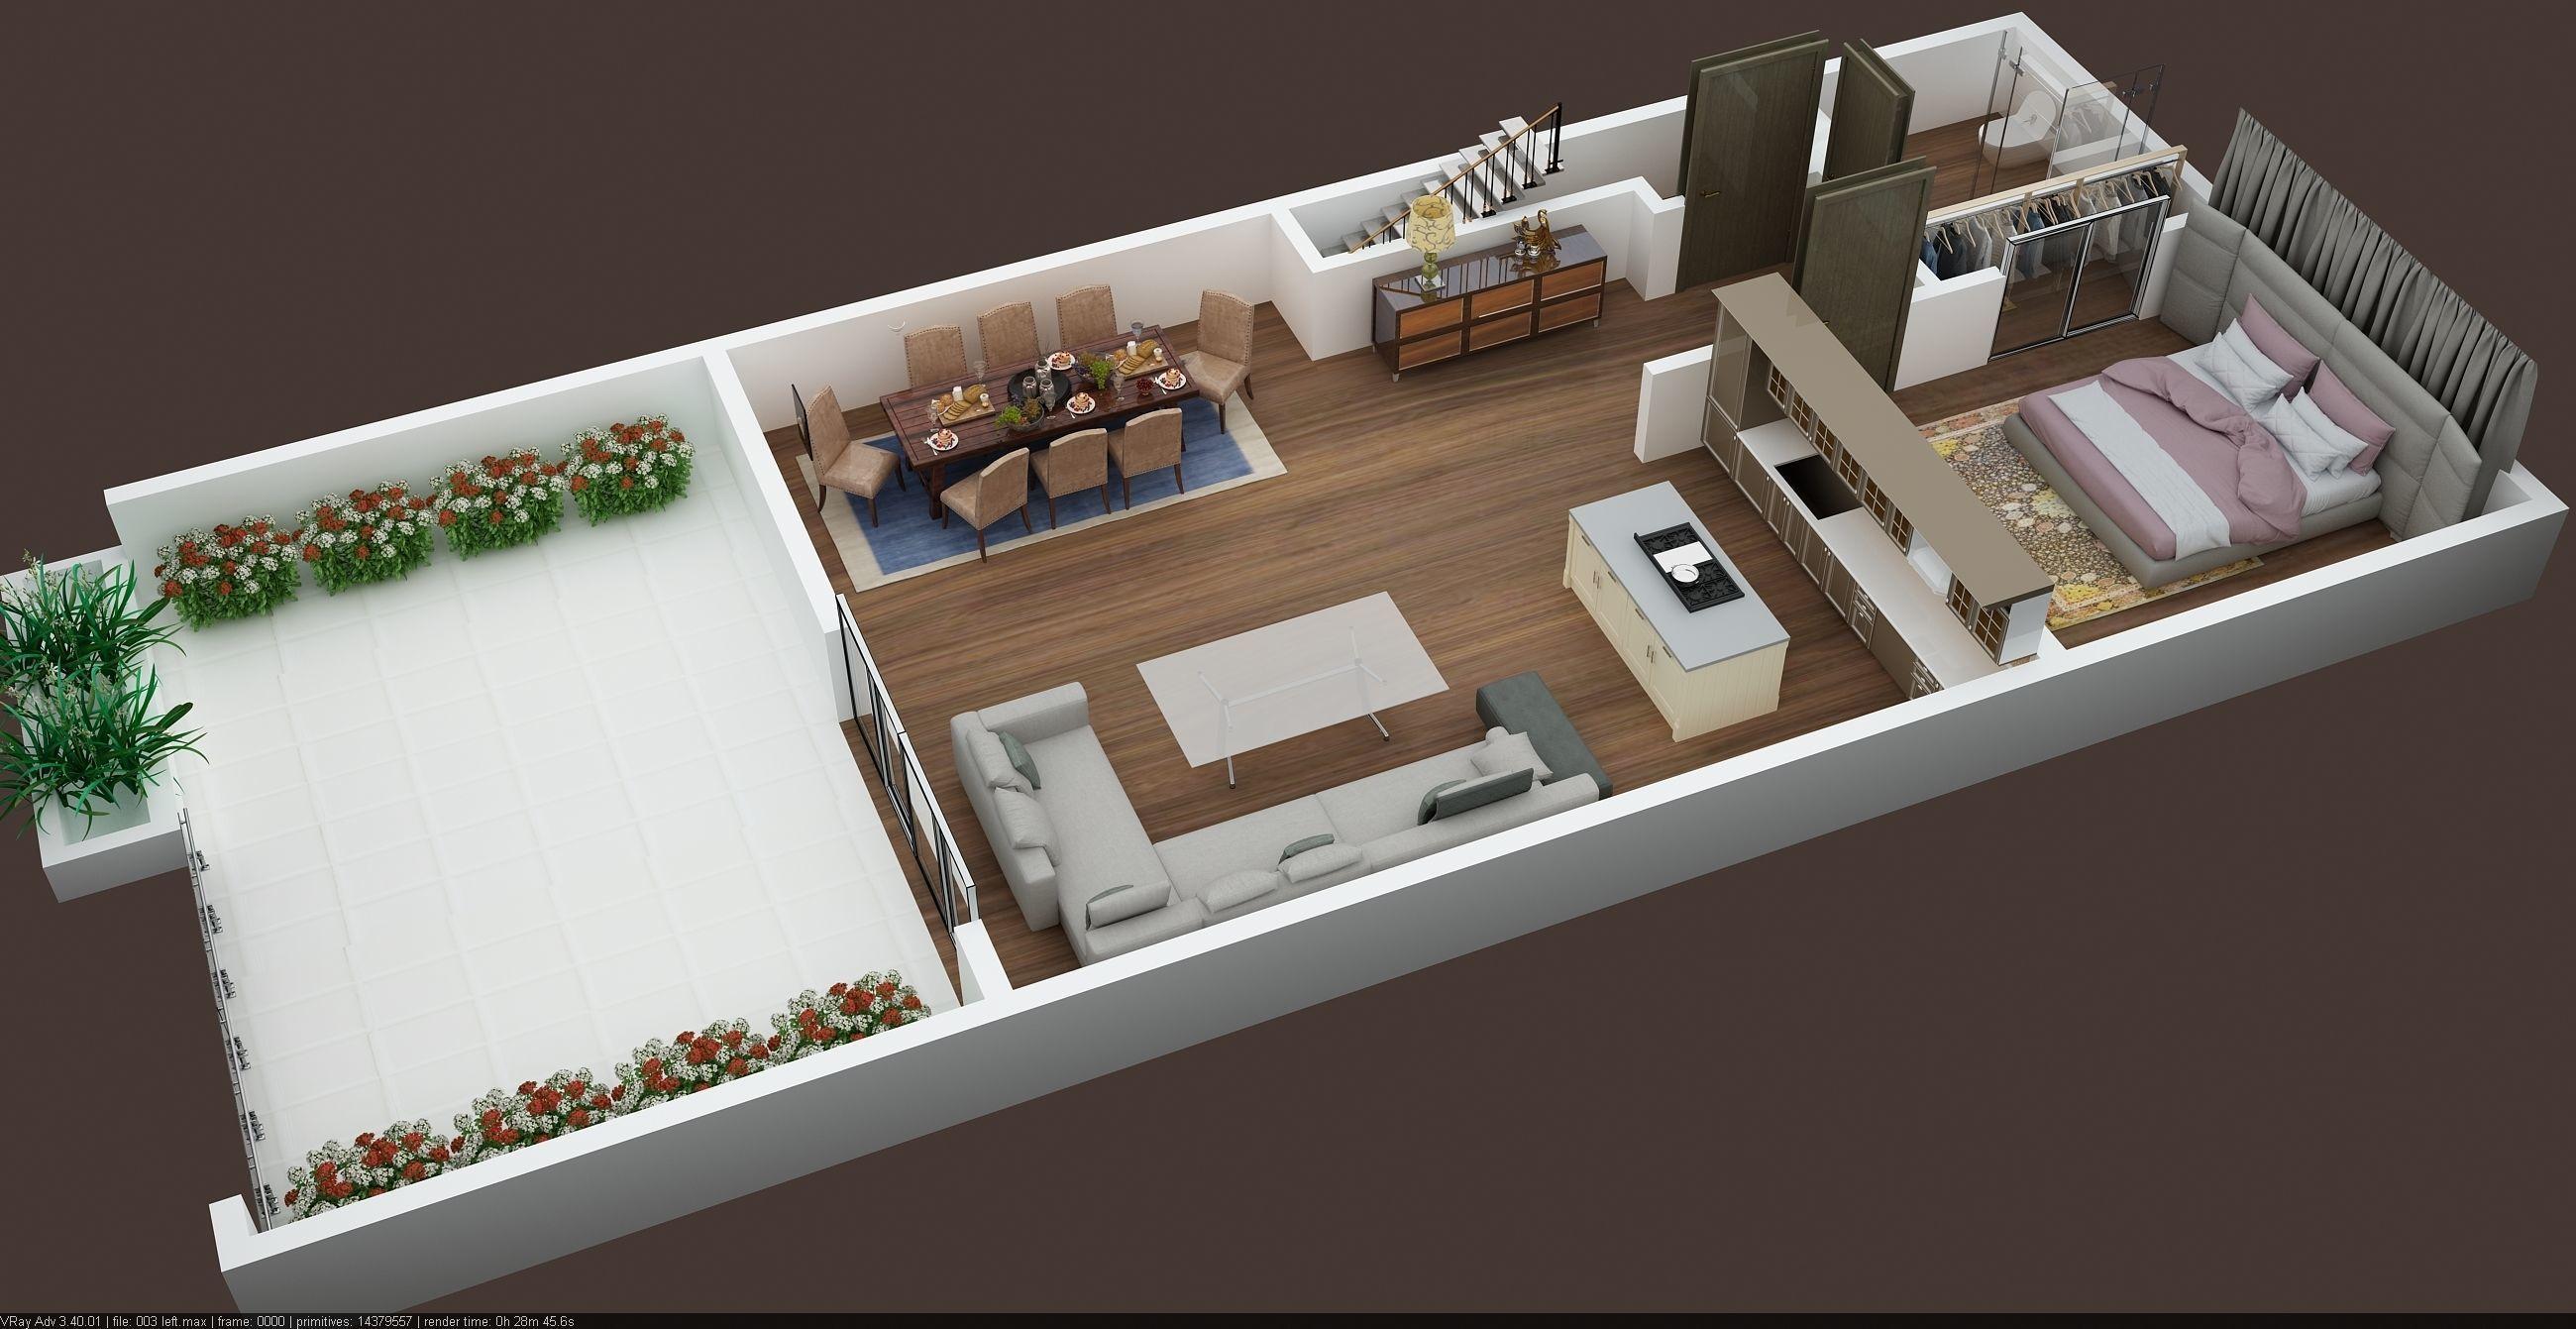 3d floor plan of 2nd floor appartment building